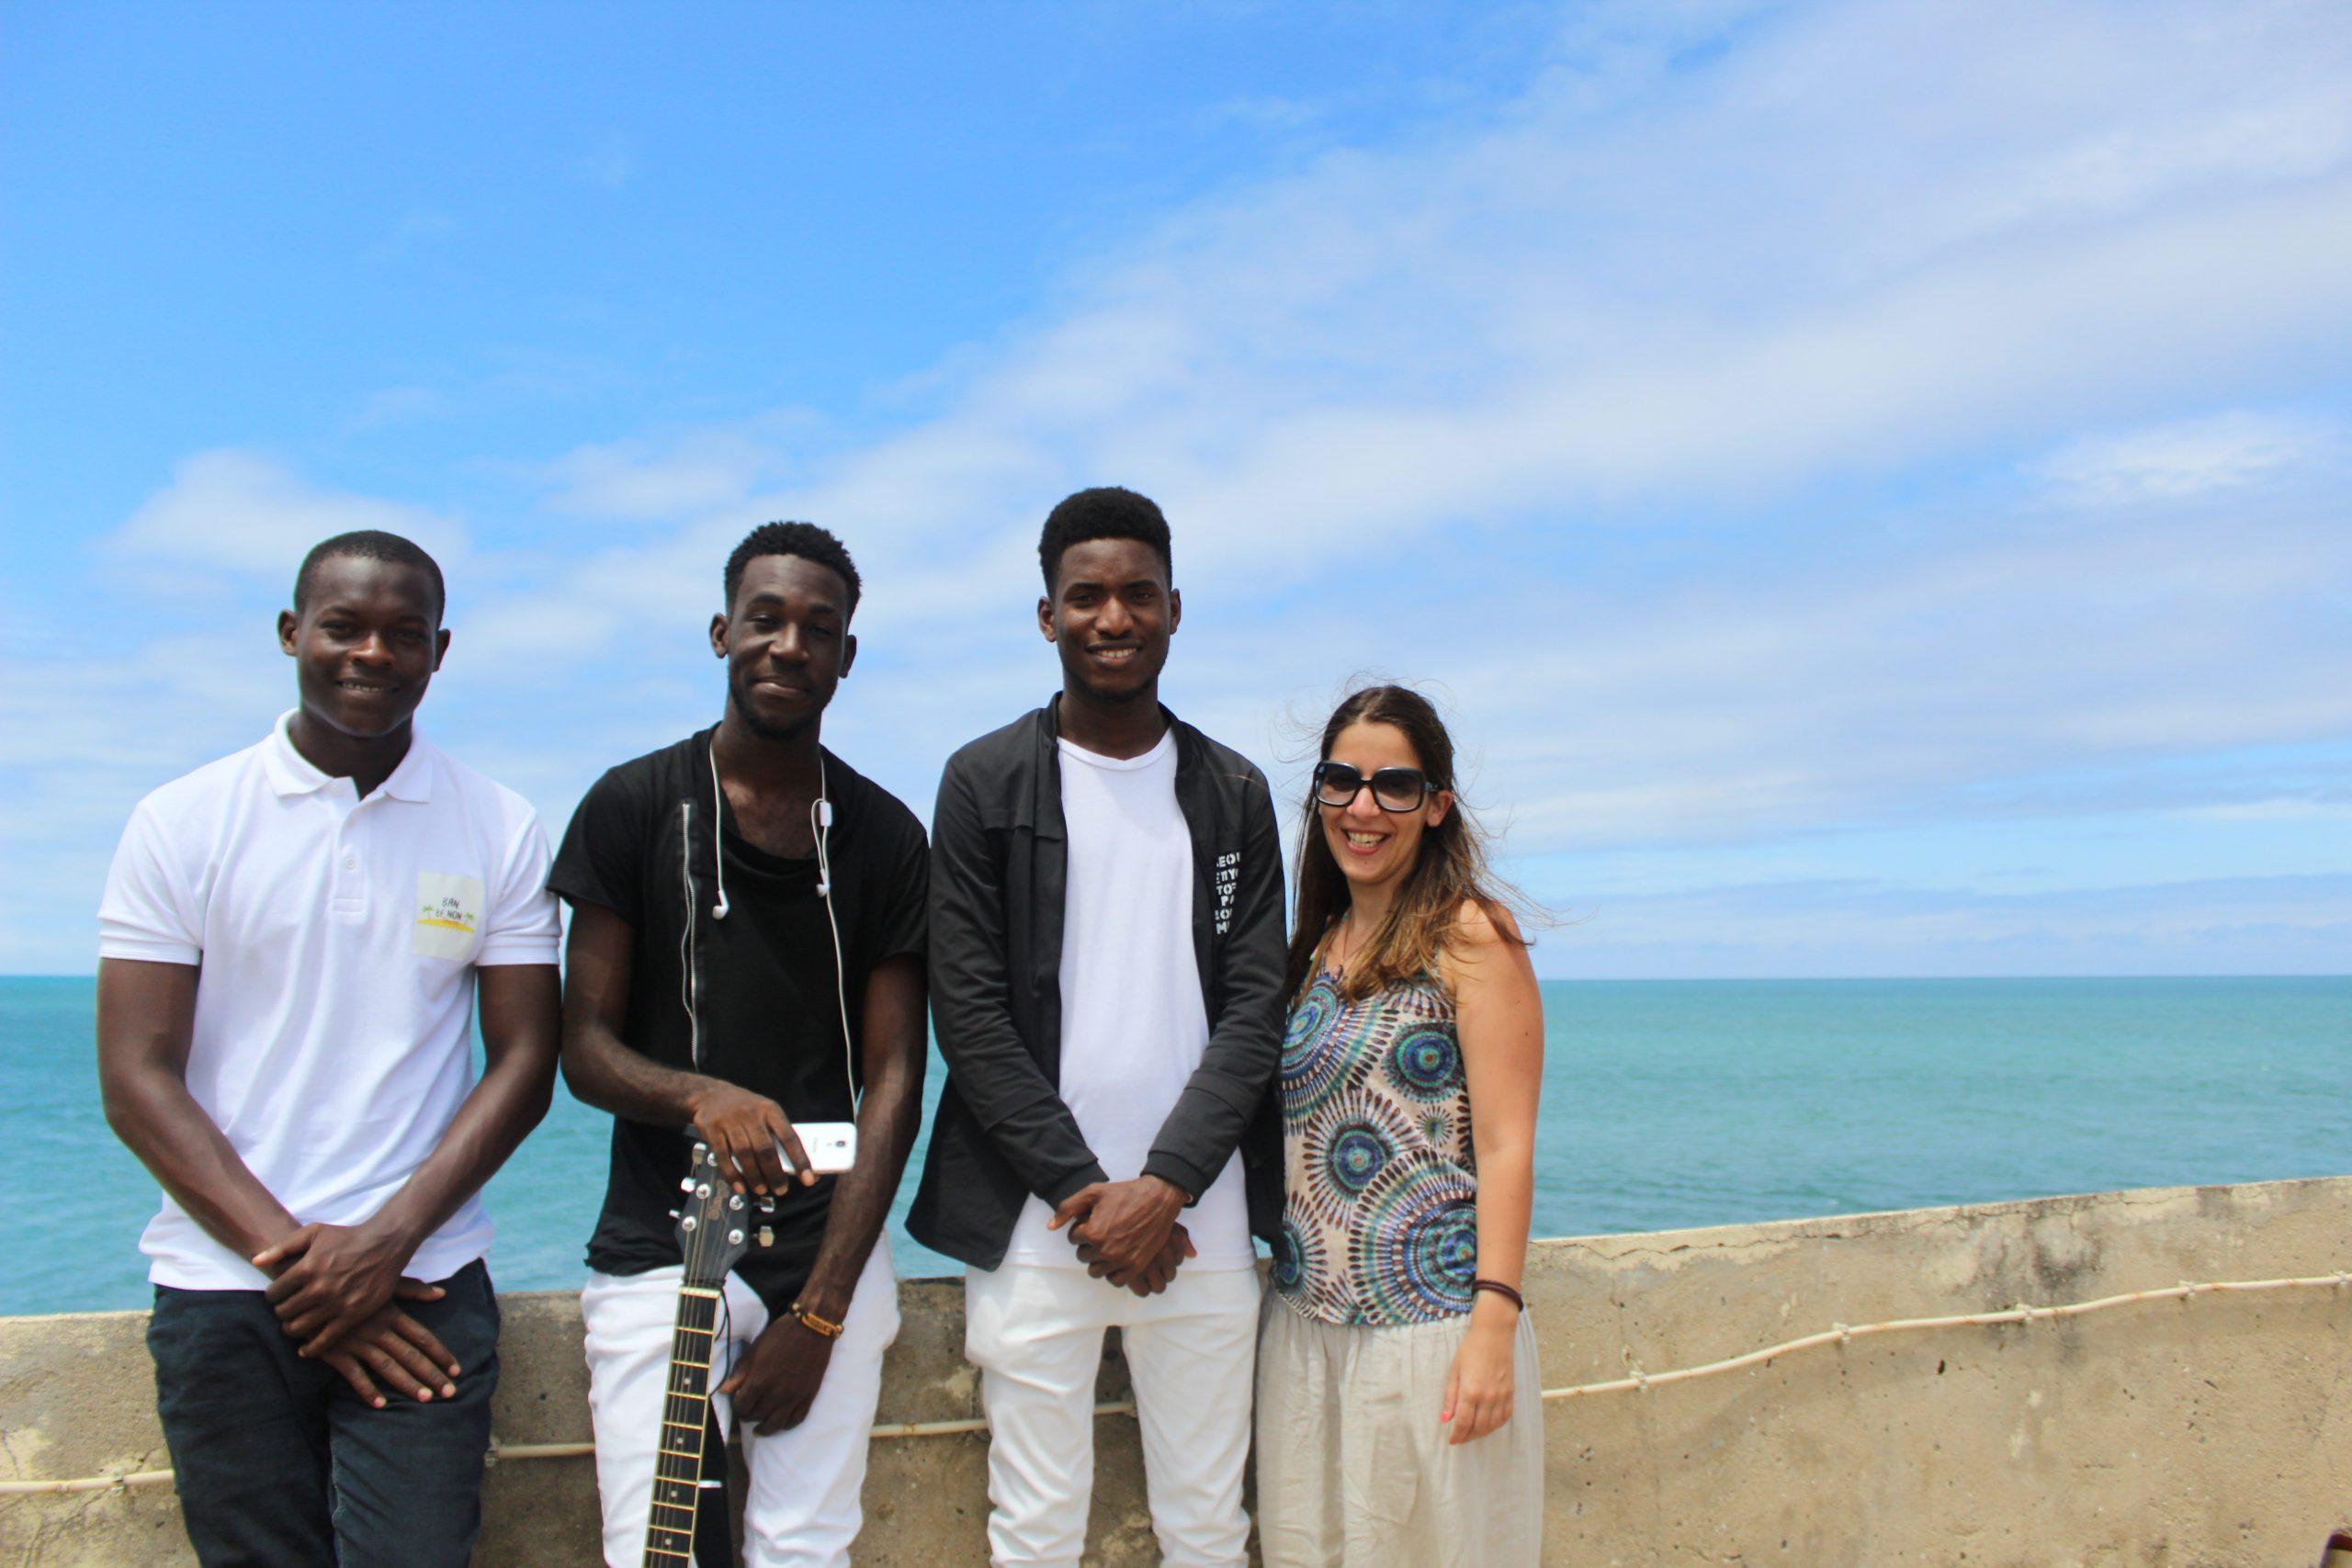 Guia turístico, músico Yuri, cantor MC Karboss e Gisela Martins no Museu Nacional de São Tomé